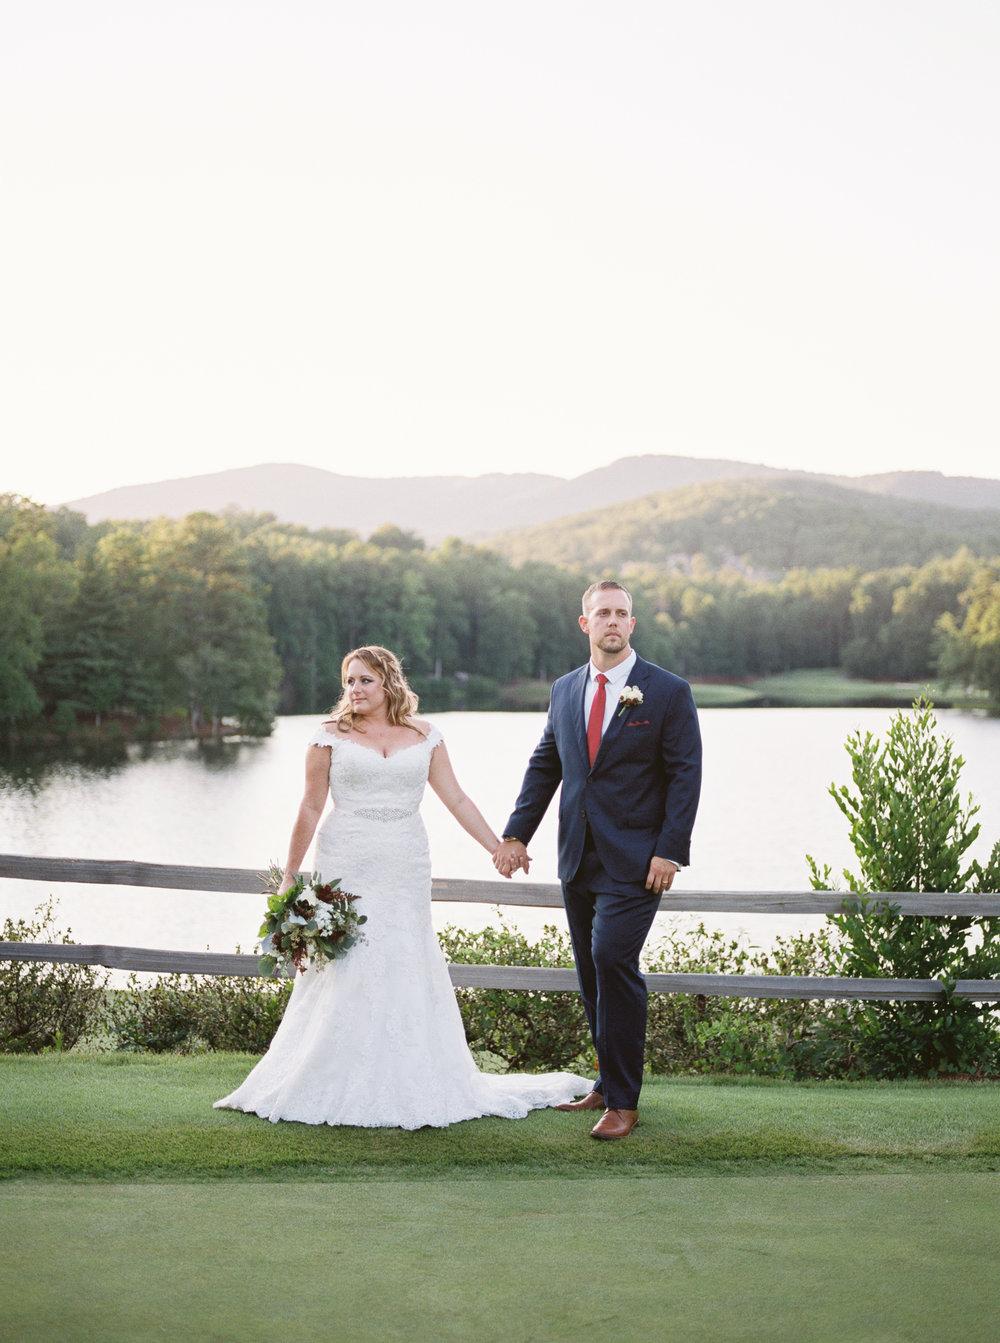 ashleybilly-wedding-sunset-christinadavisphoto61.jpg